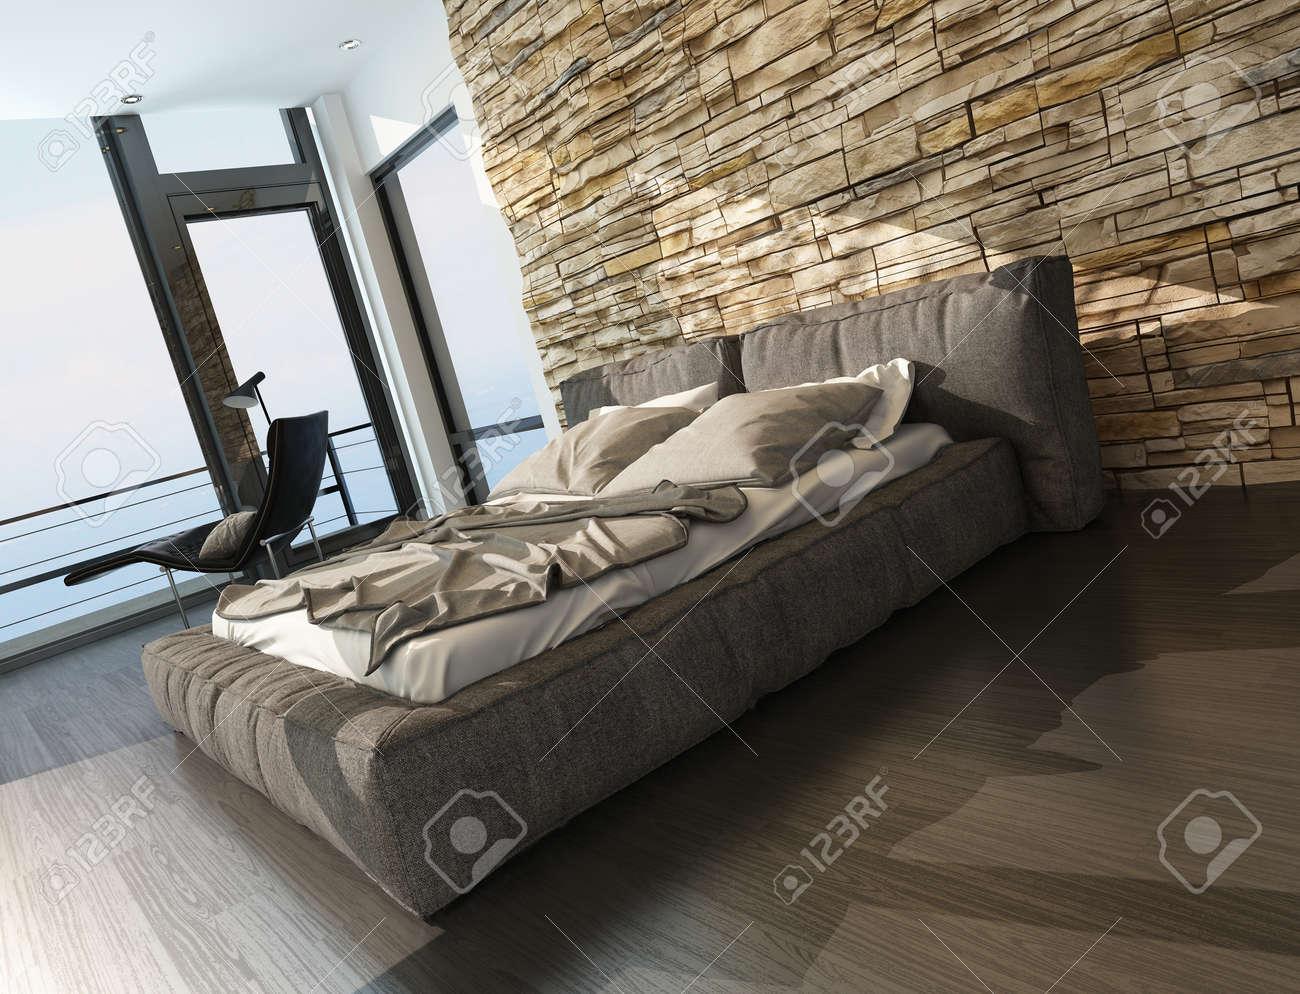 Moderne Stilvolle Polsterkingsize-Bett In Brauntönen In Einem ...